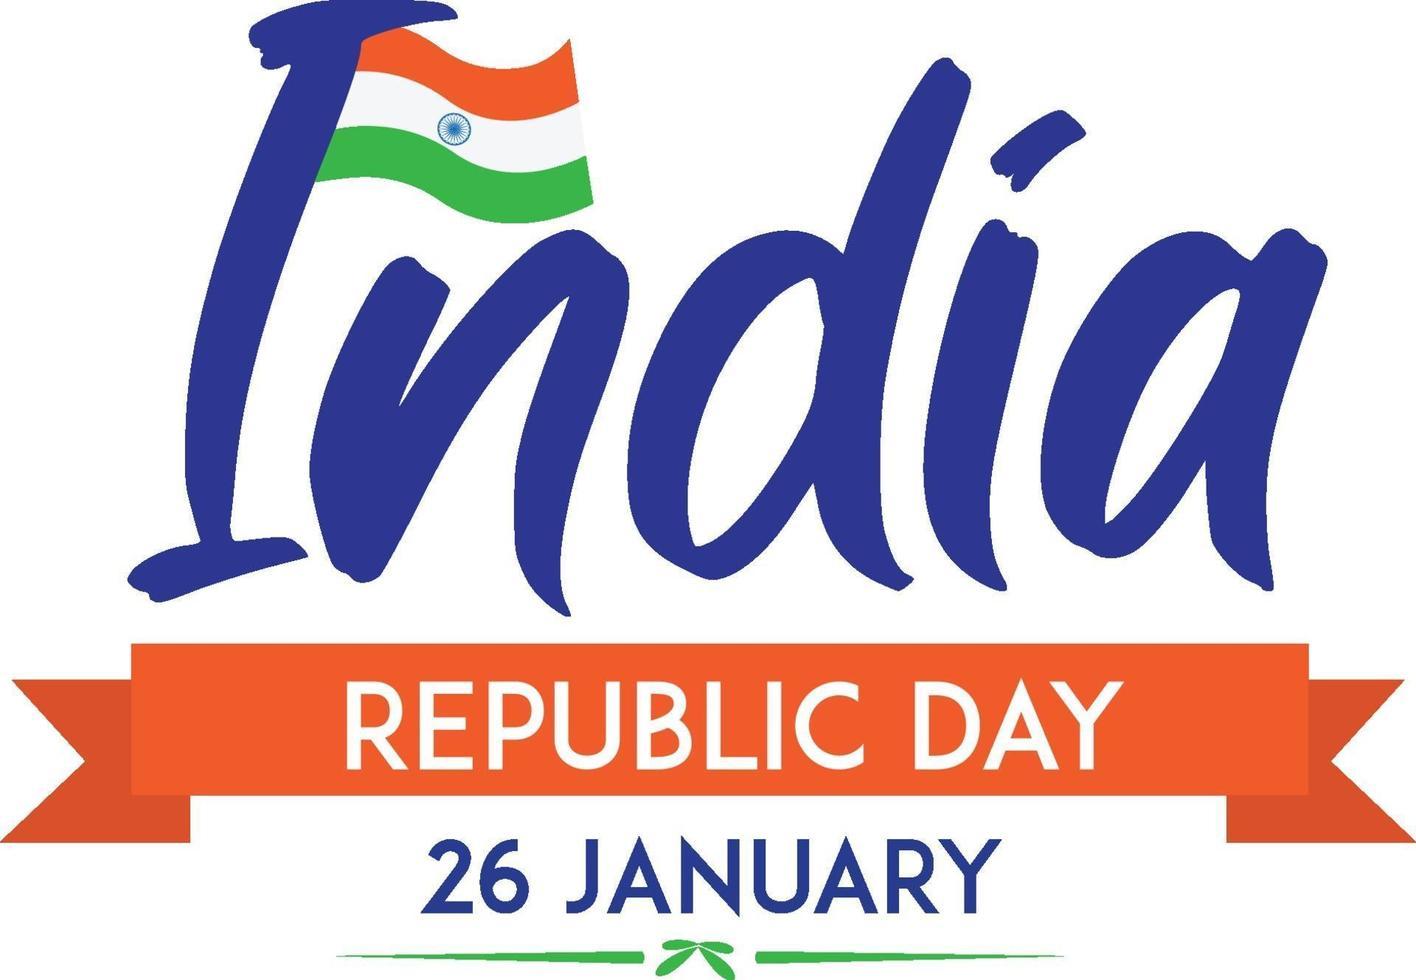 cartel del día de la república de india el 26 de enero con bandera vector